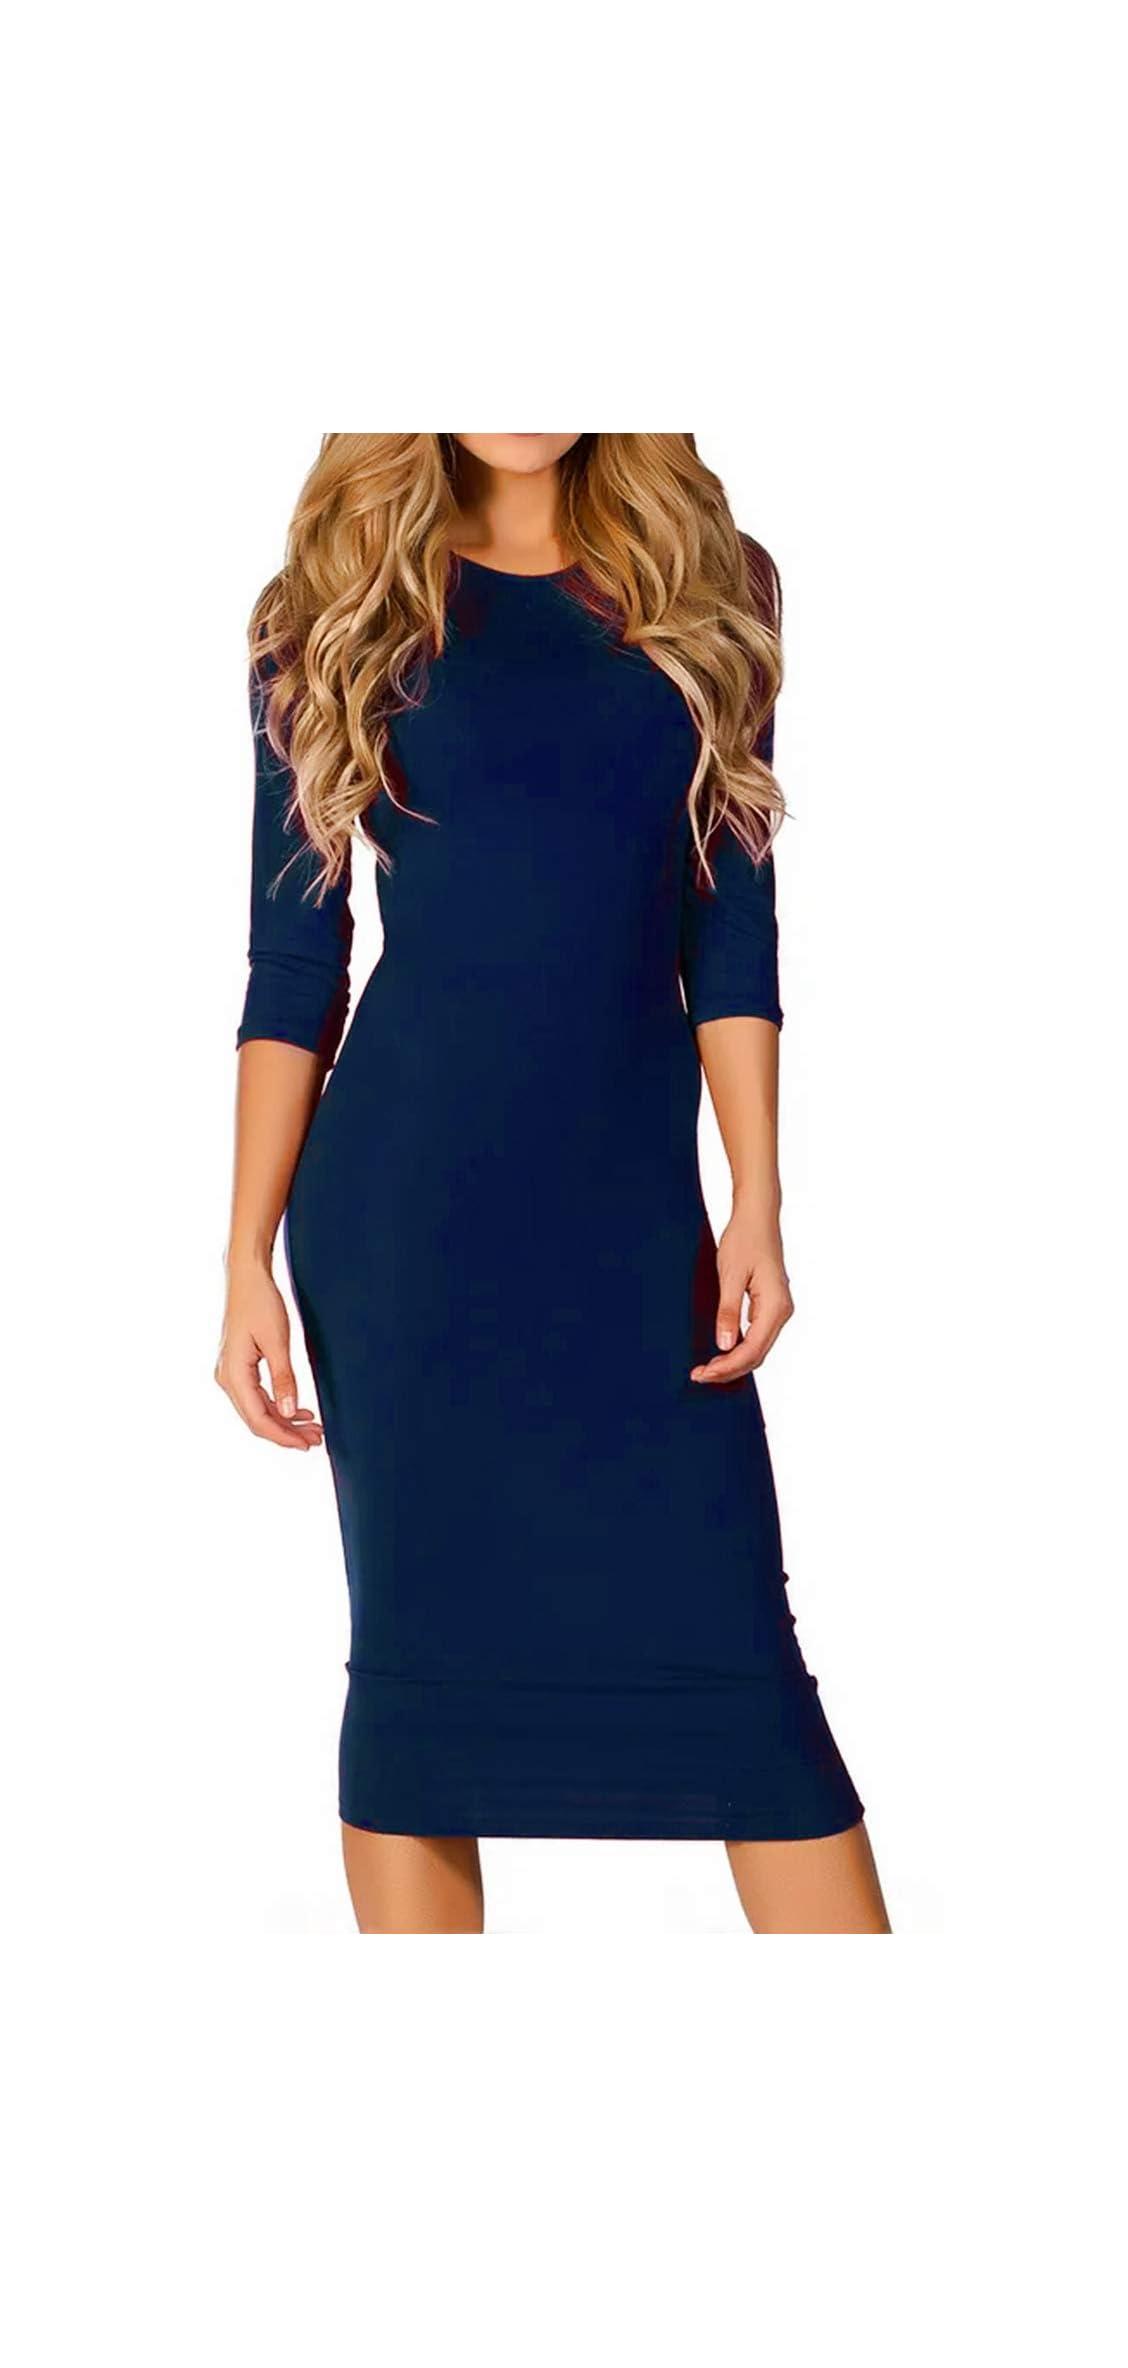 Women's / Sleeve Bodycon Midi Dress Crew Neck With